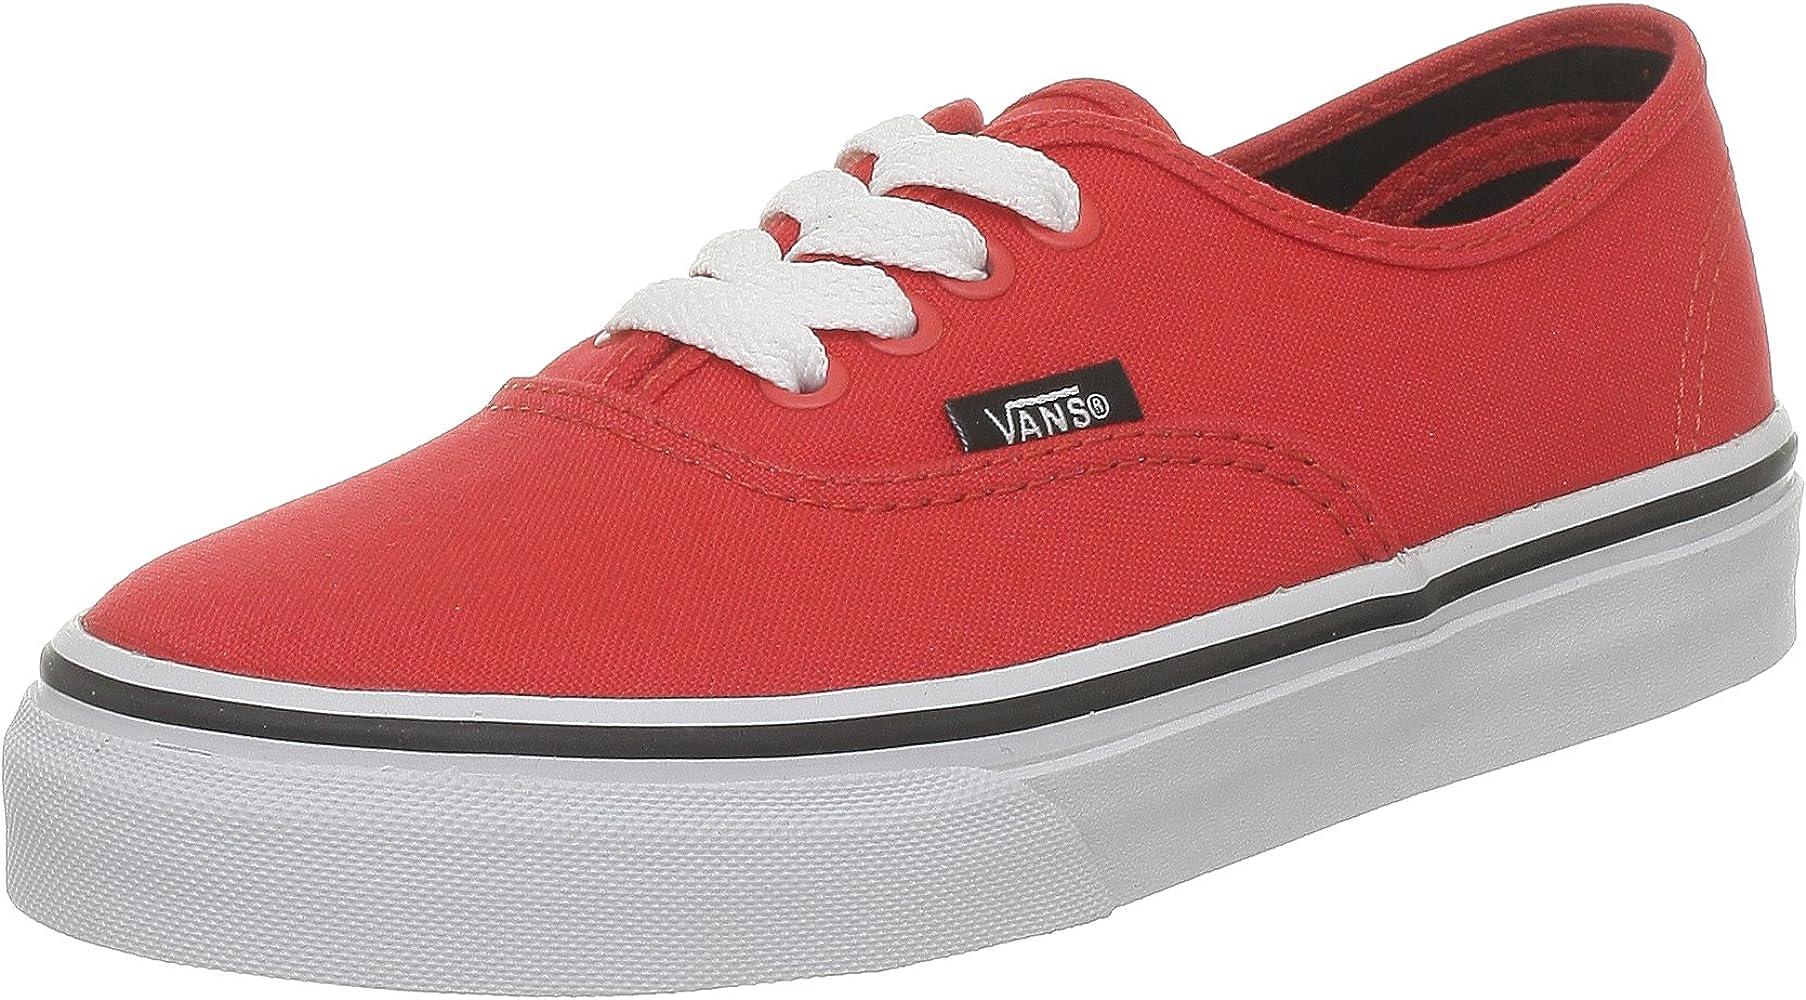 Vans Zapatillas para Mujer, Color Rojo, Talla 30.5 EU